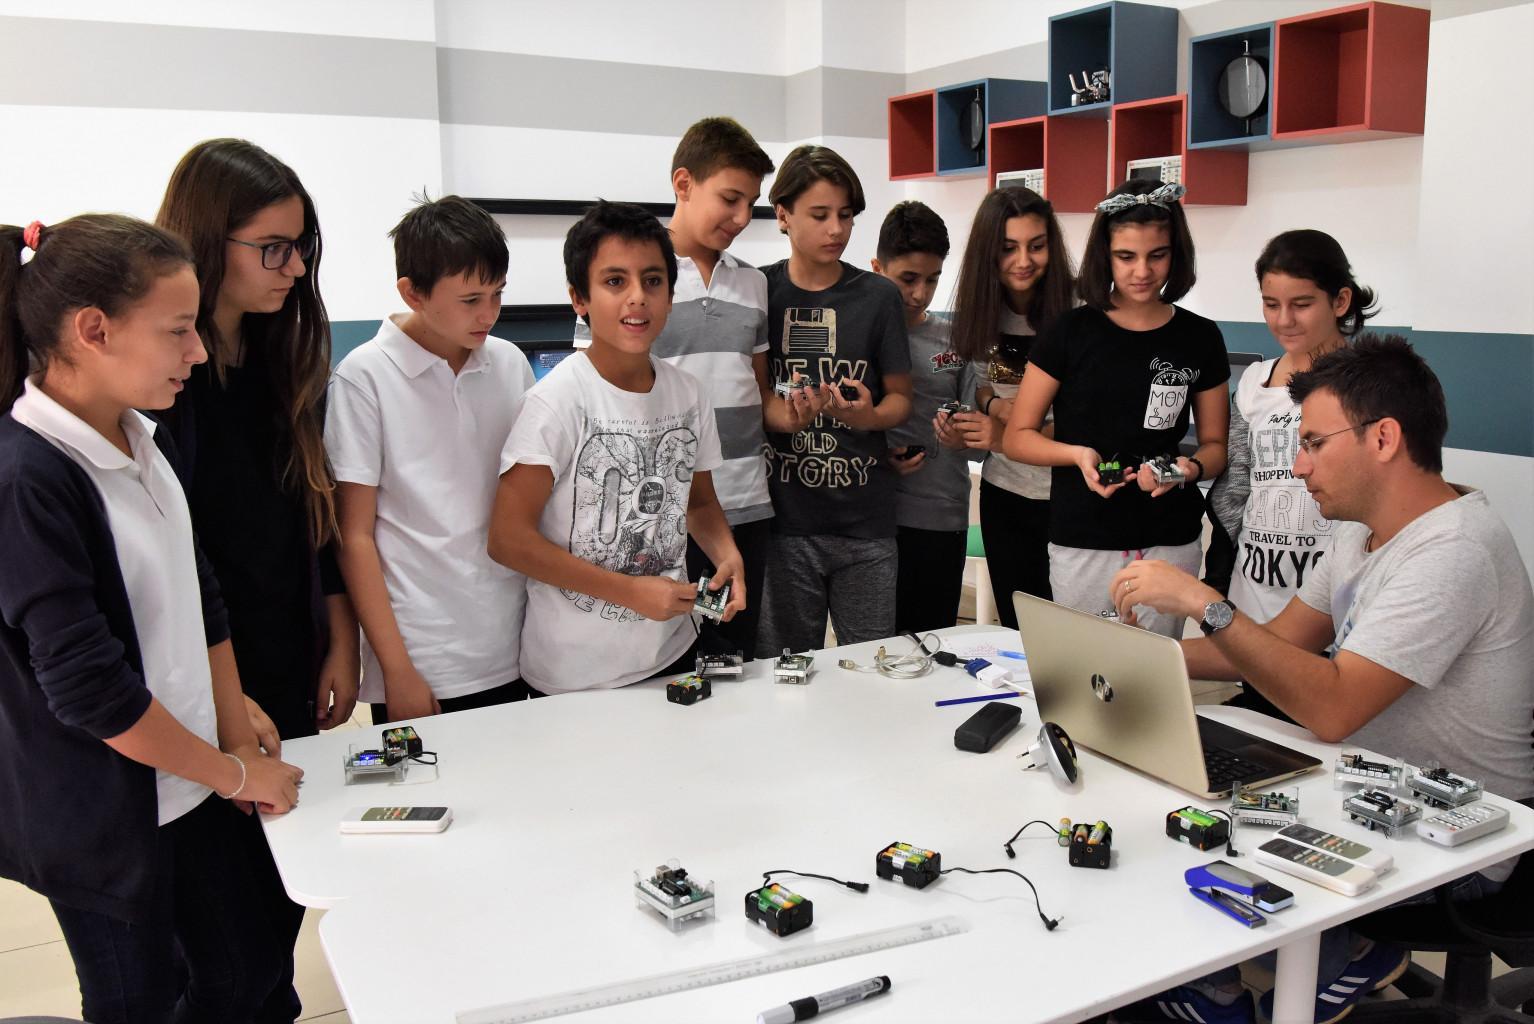 bornova belediyesinden çocuklara eğitim-yenigun gazetesi